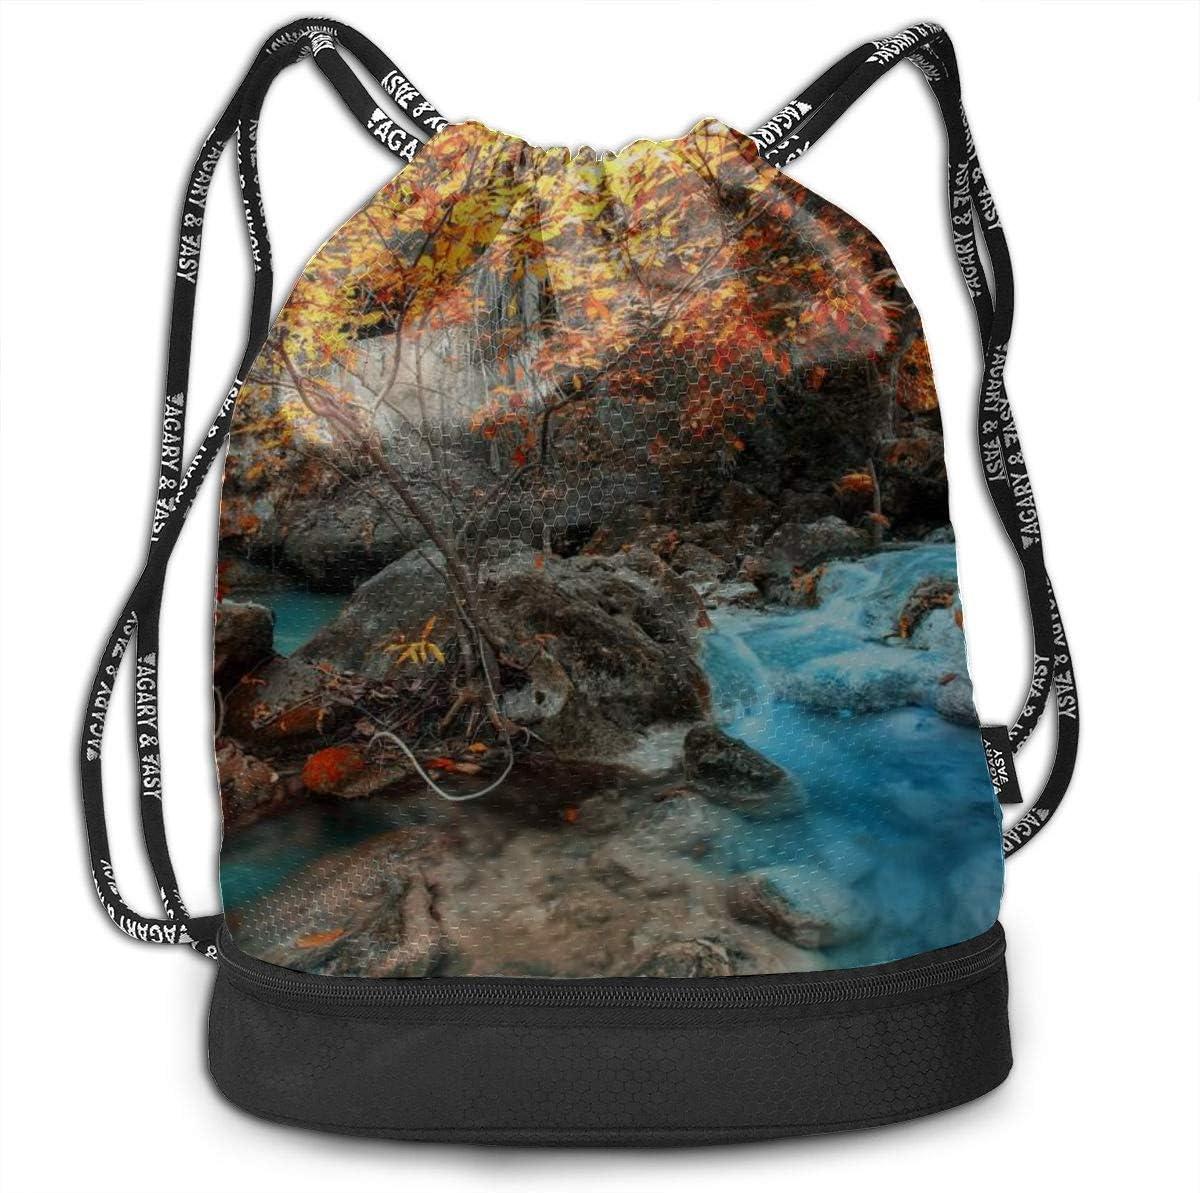 Kids Backpack Fantastic Seasonal Forest Landscape Gym Drawstring Bags Backpack Sports String Bundle Backpack For Sport With Shoe Pocket Gym Organizer Bag